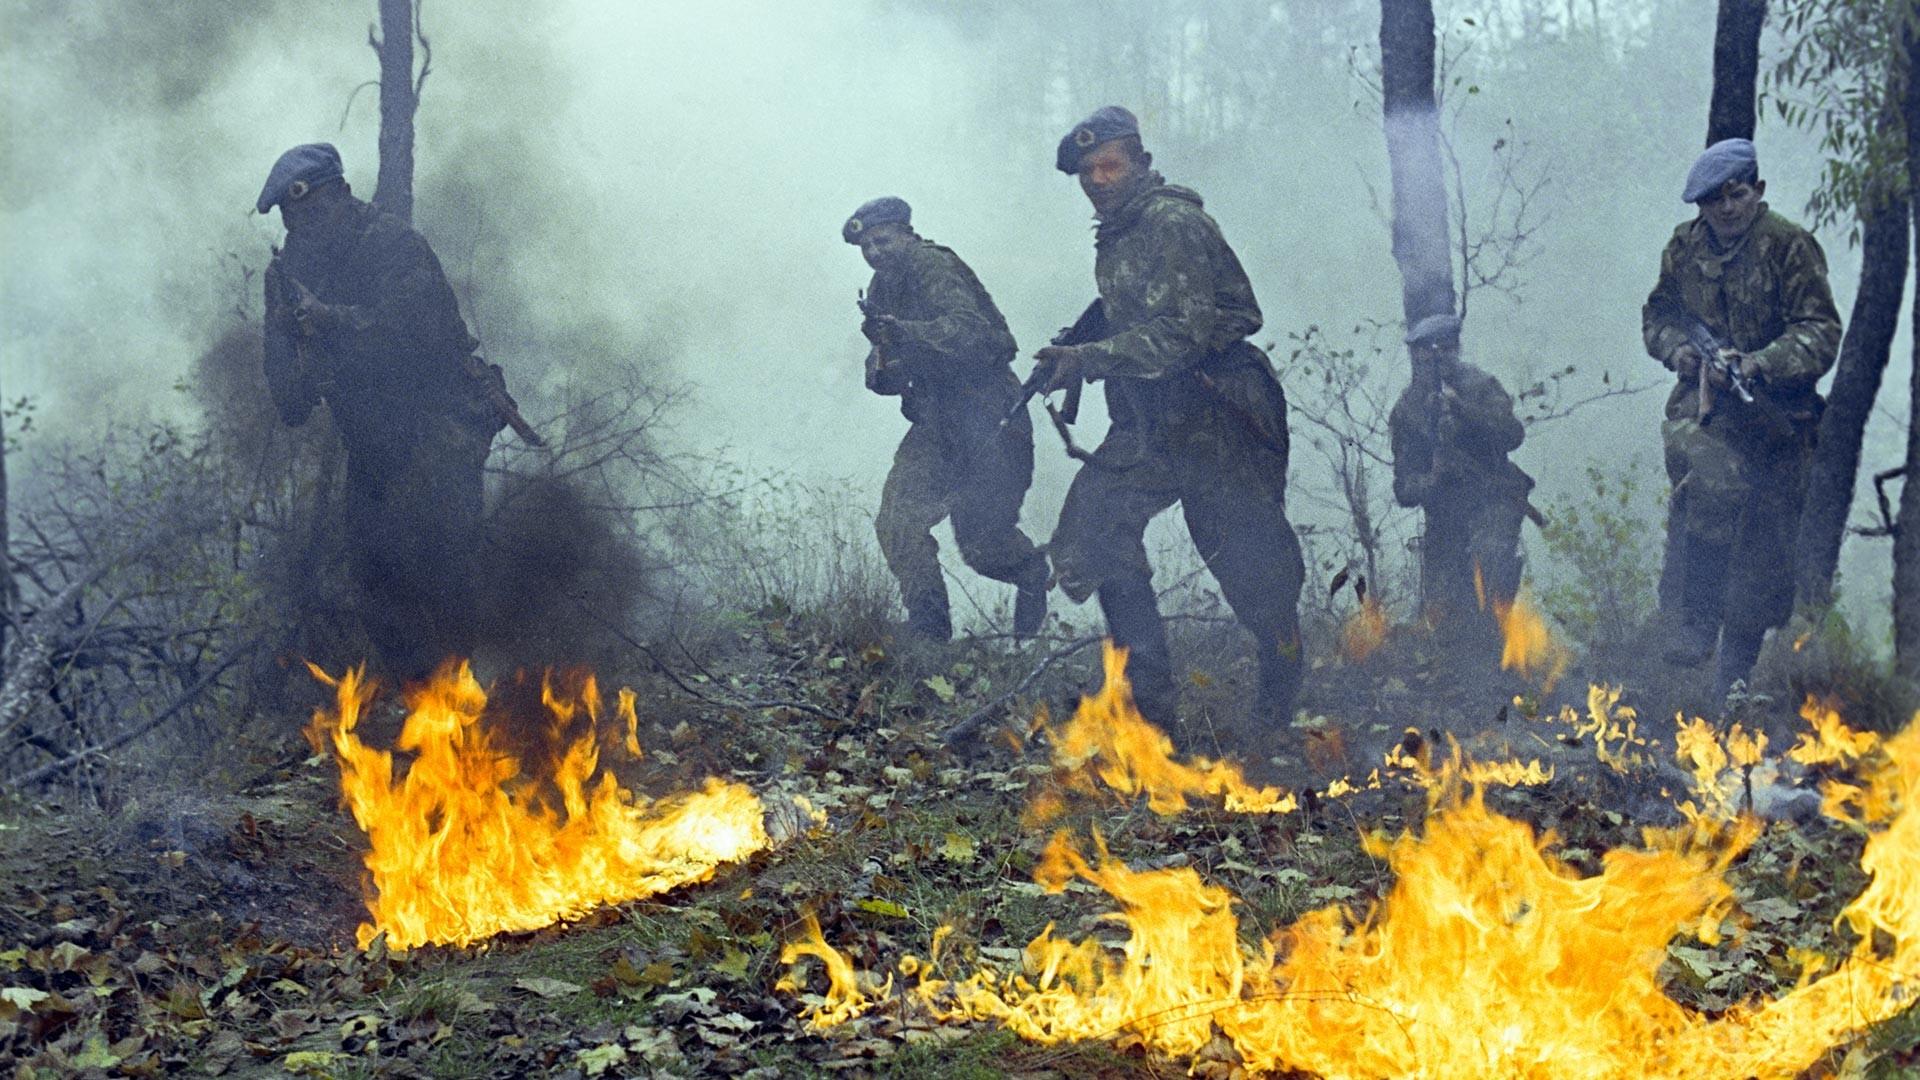 Ejercicios de combate de los paracaidistas de la Guardia.